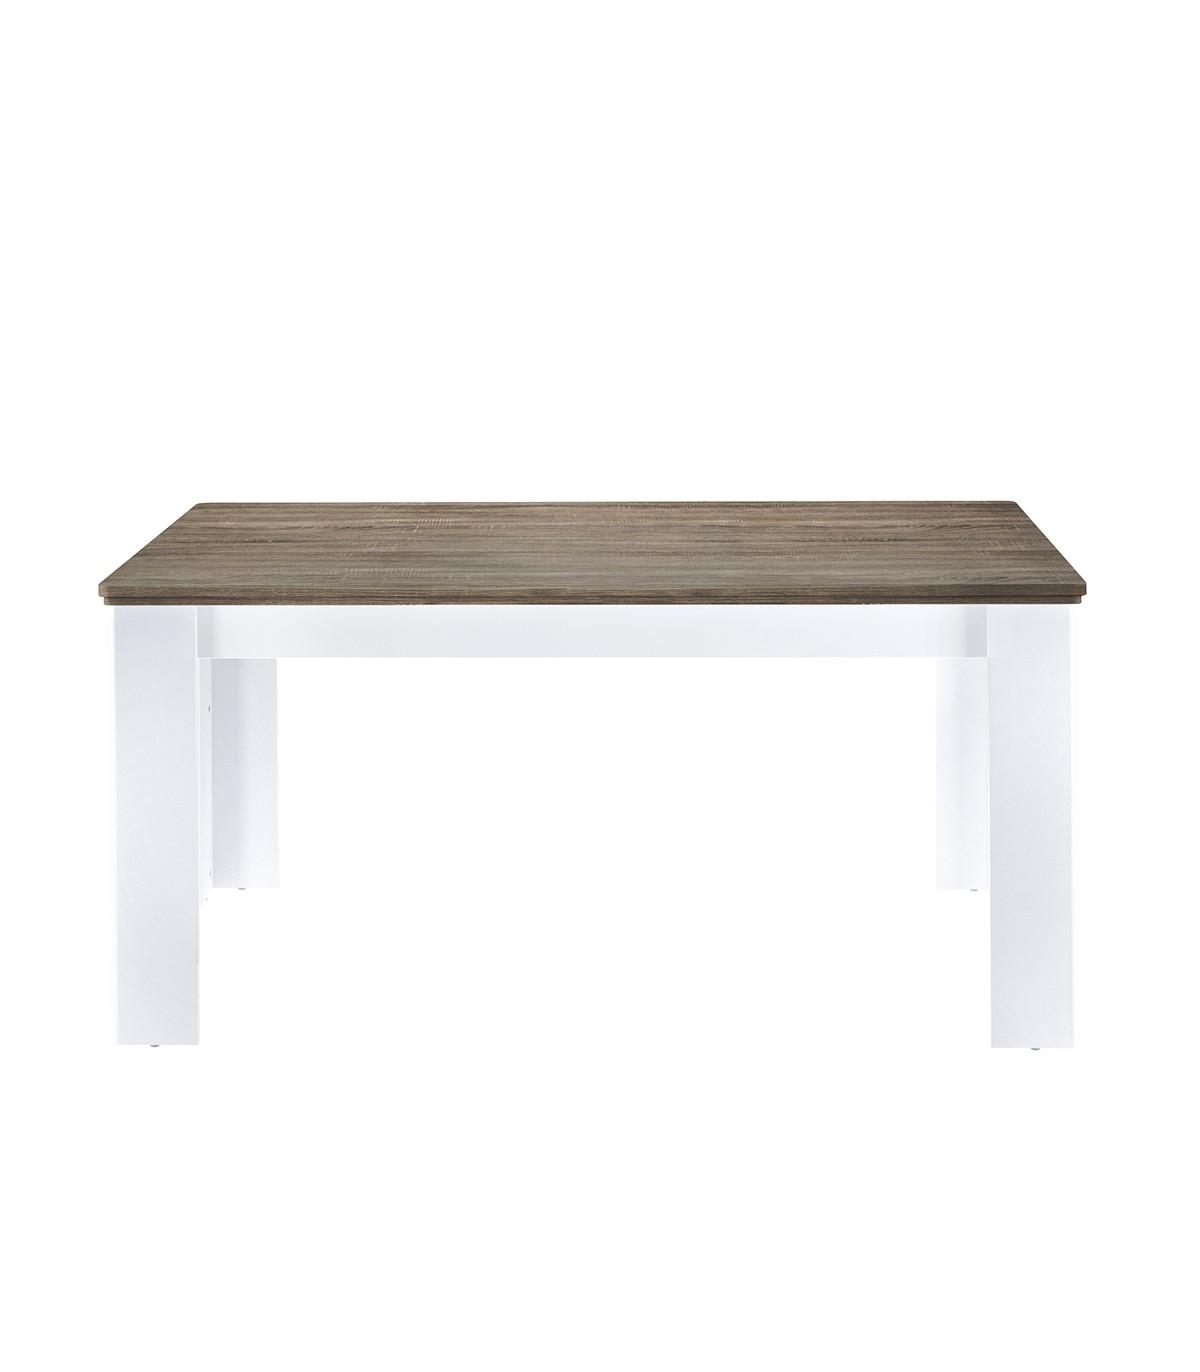 Table extensible plateau couleur chêne - 160-240cm - 8pers.